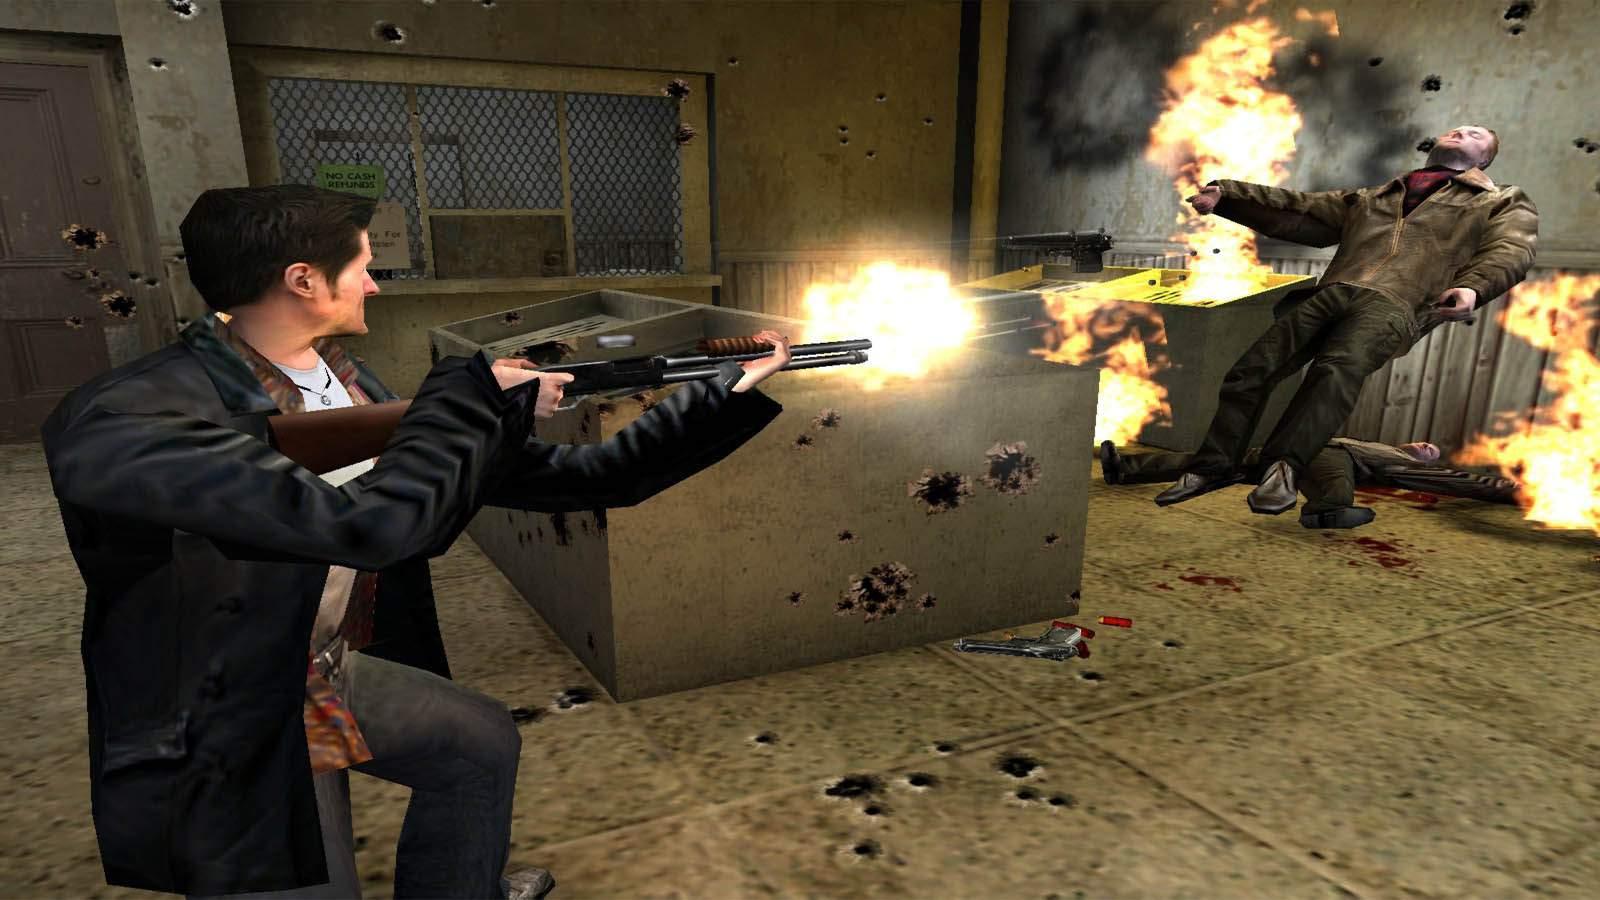 تحميل لعبة Max Payne 1 مضغوطة برابط واحد مباشر كاملة مجانا